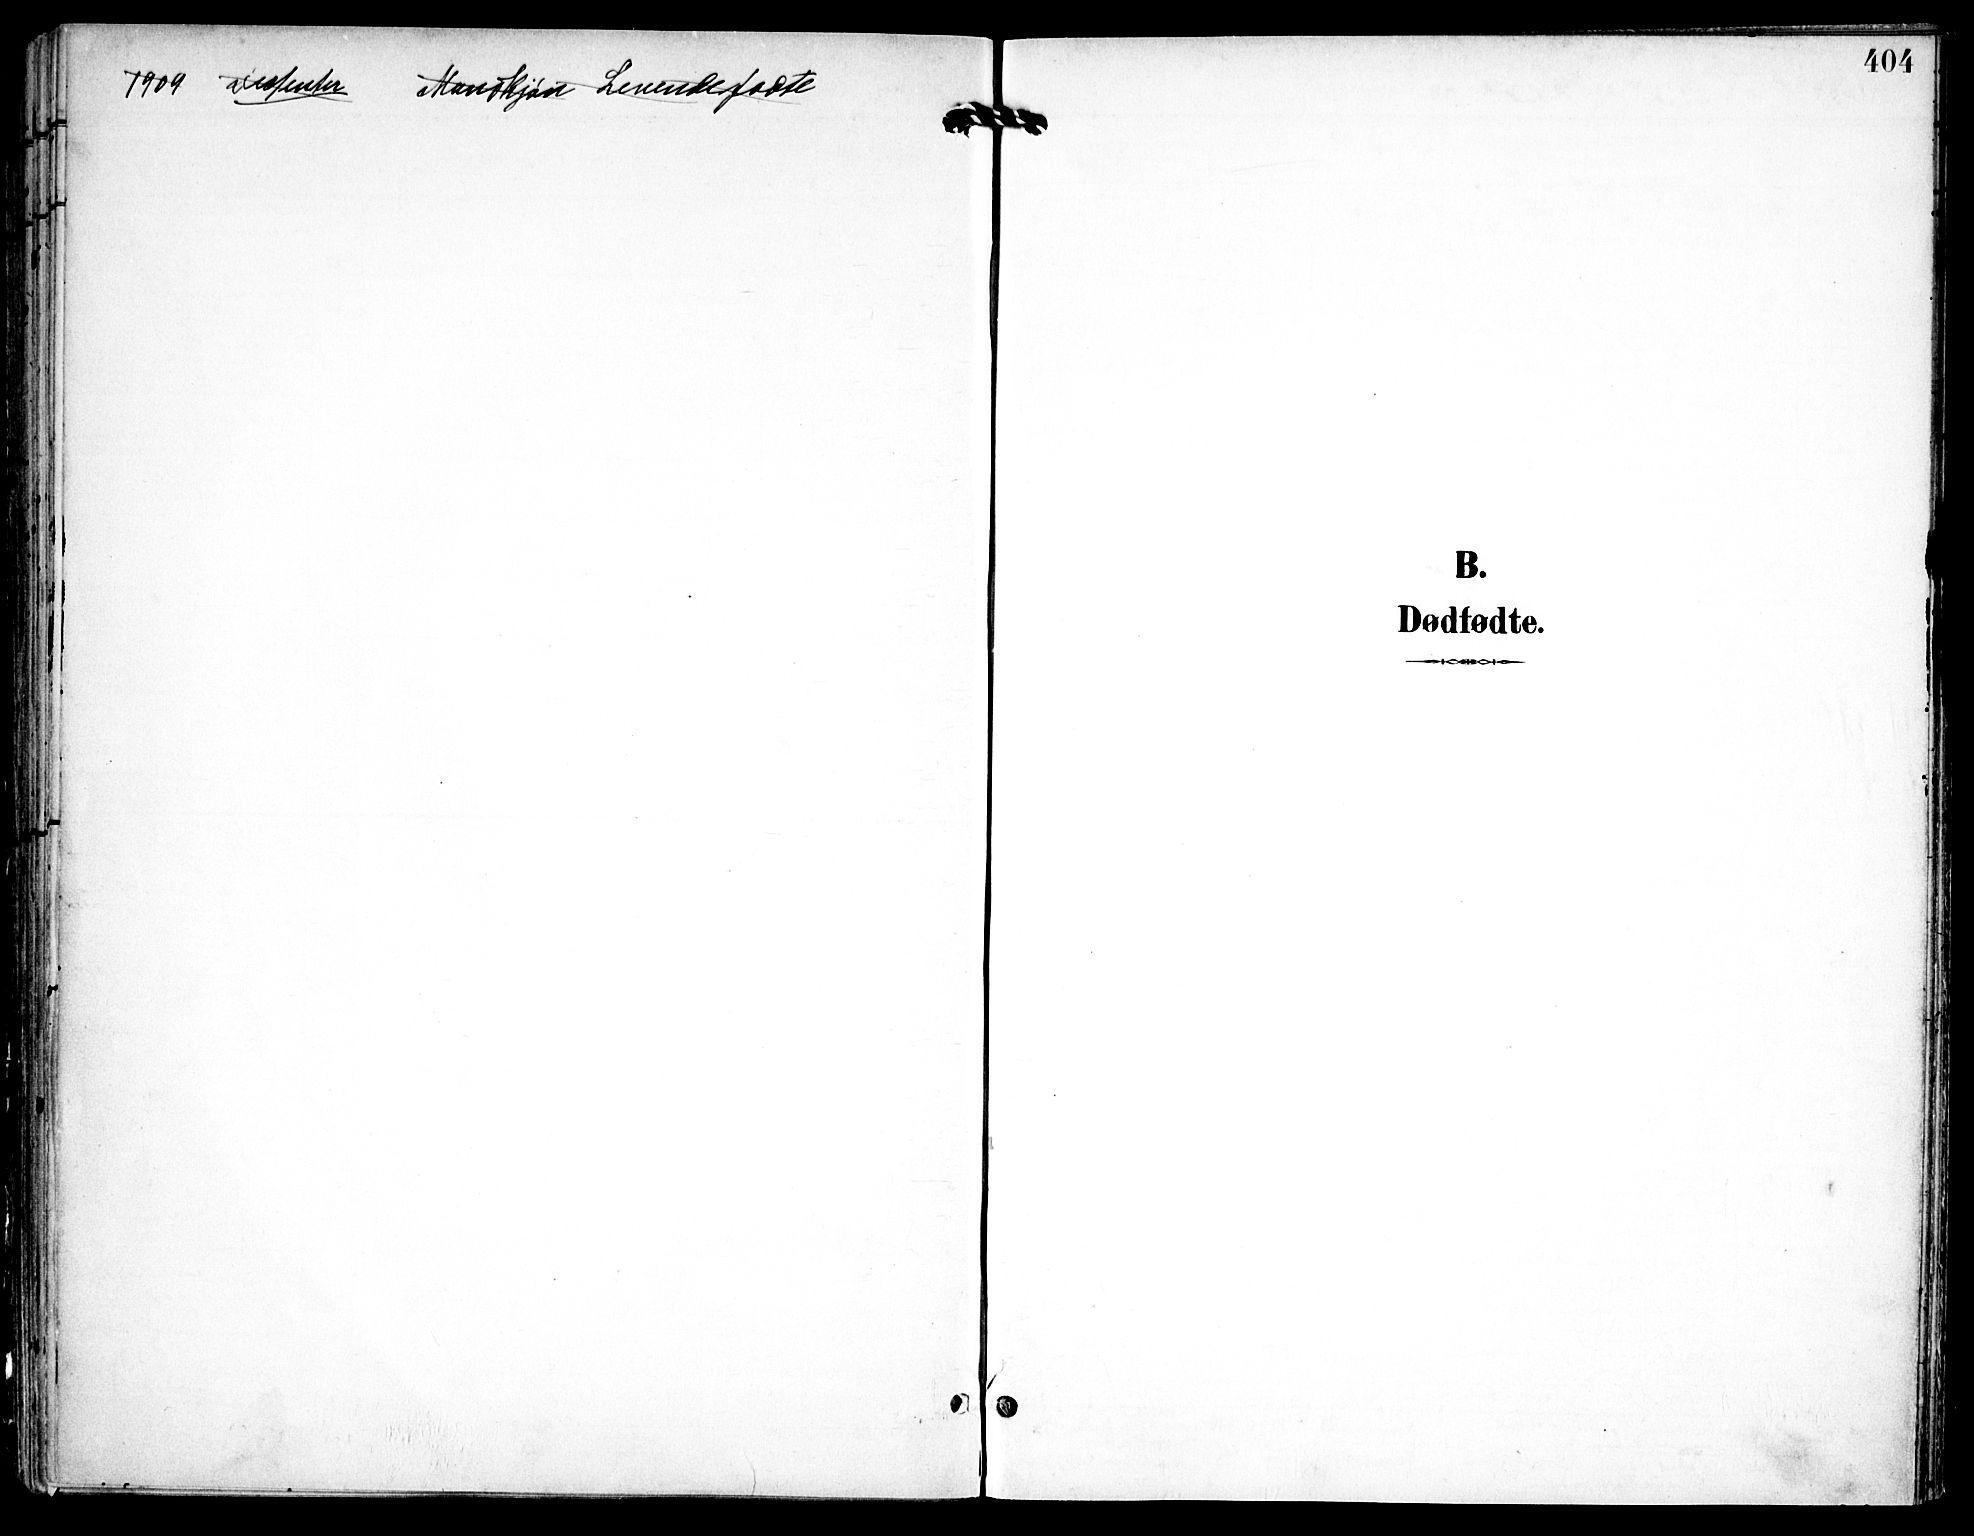 SAO, Petrus prestekontor Kirkebøker, F/Fa/L0008: Ministerialbok nr. 8, 1899-1909, s. 404